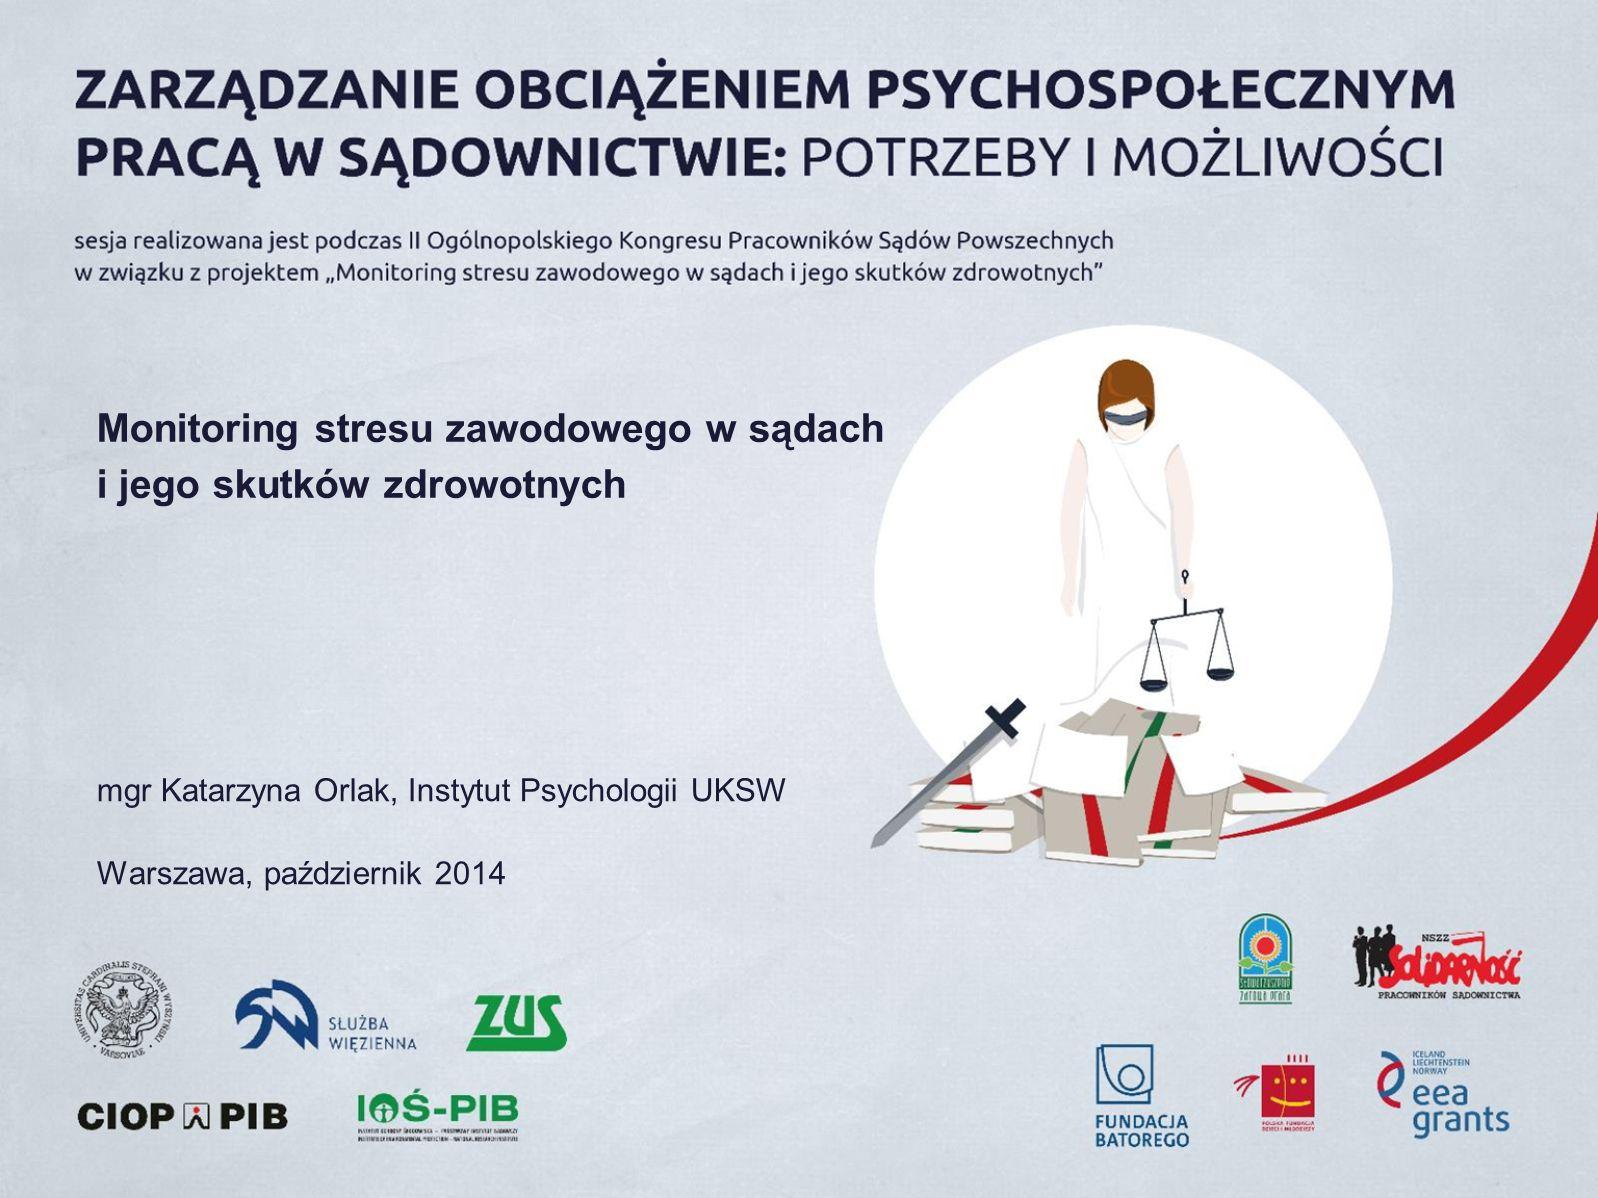 Monitoring stresu zawodowego w sądach i jego skutków zdrowotnych mgr Katarzyna Orlak, Instytut Psychologii UKSW Warszawa, październik 2014